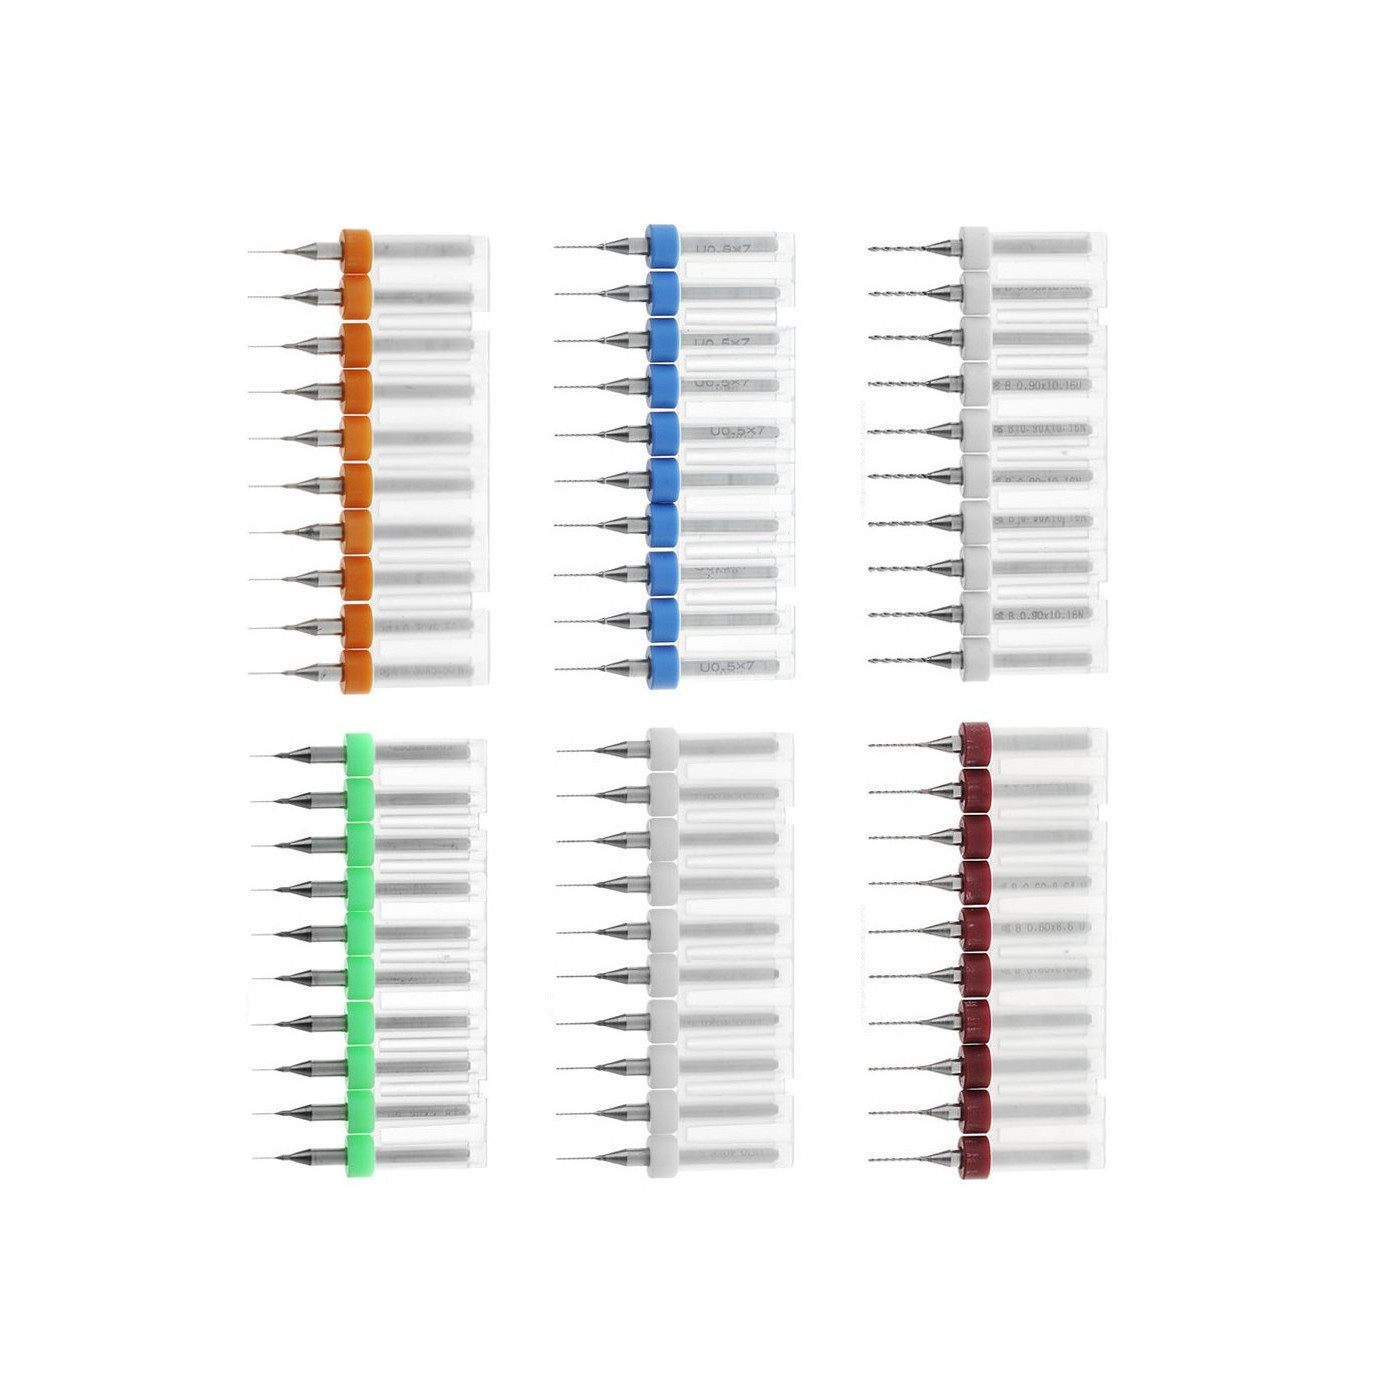 Ensemble de 10 micro forets en boîte (0,75 mm)  - 1